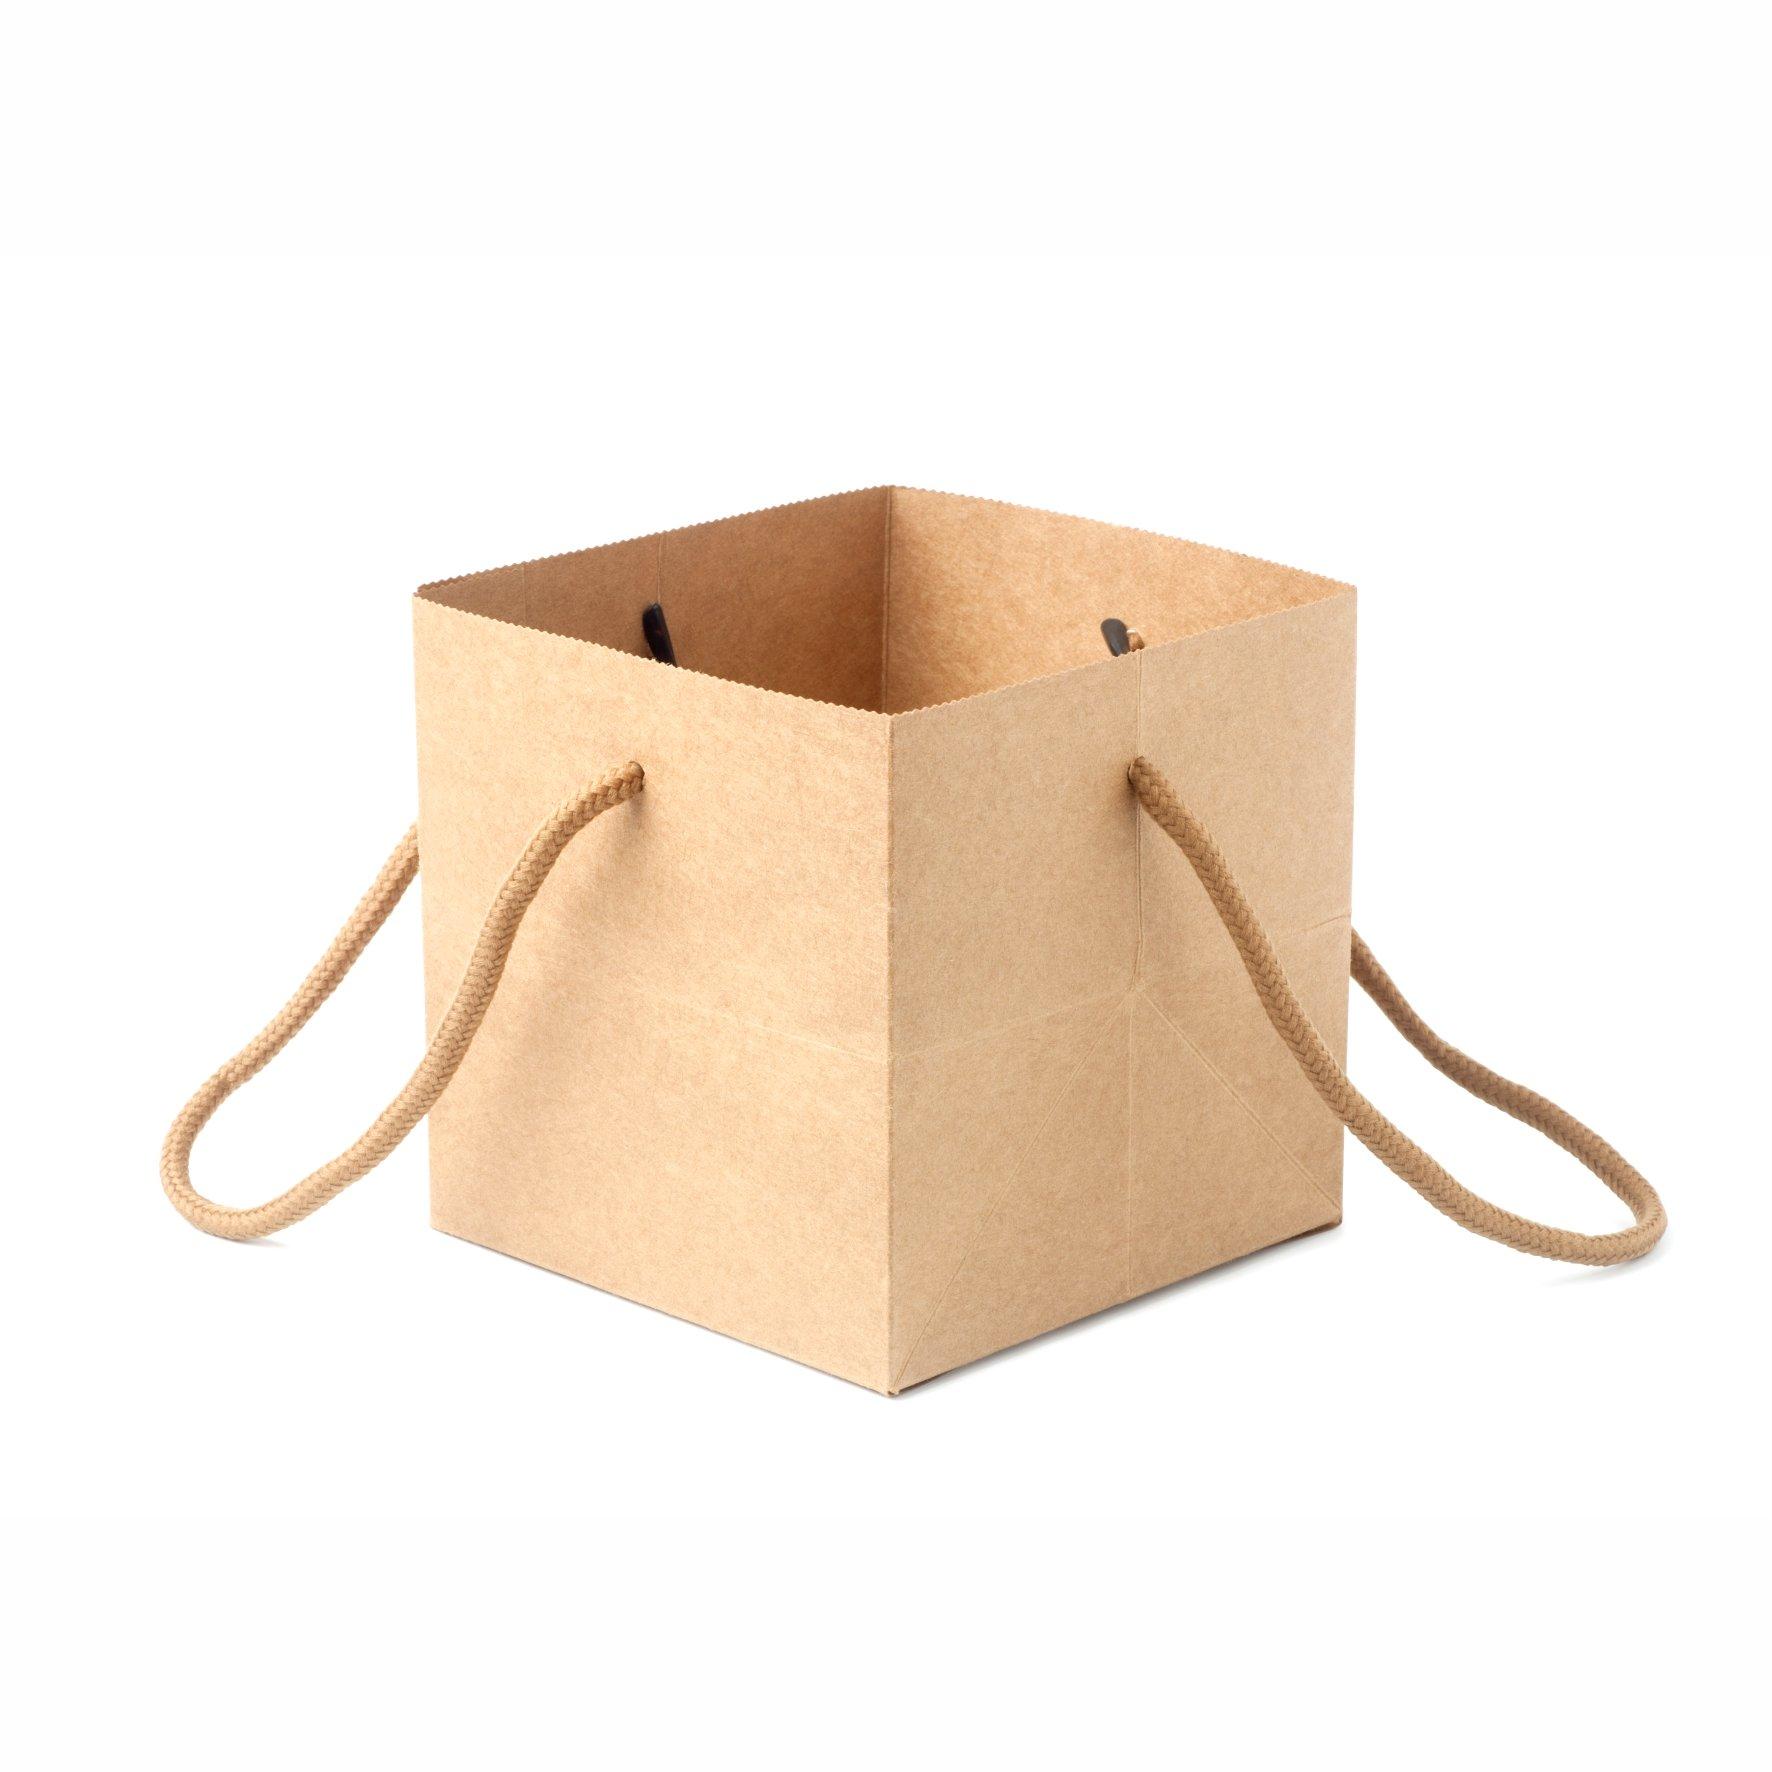 Пакеты и коробки из ЭКО картона, Пакети та коробки з ЕКО картону